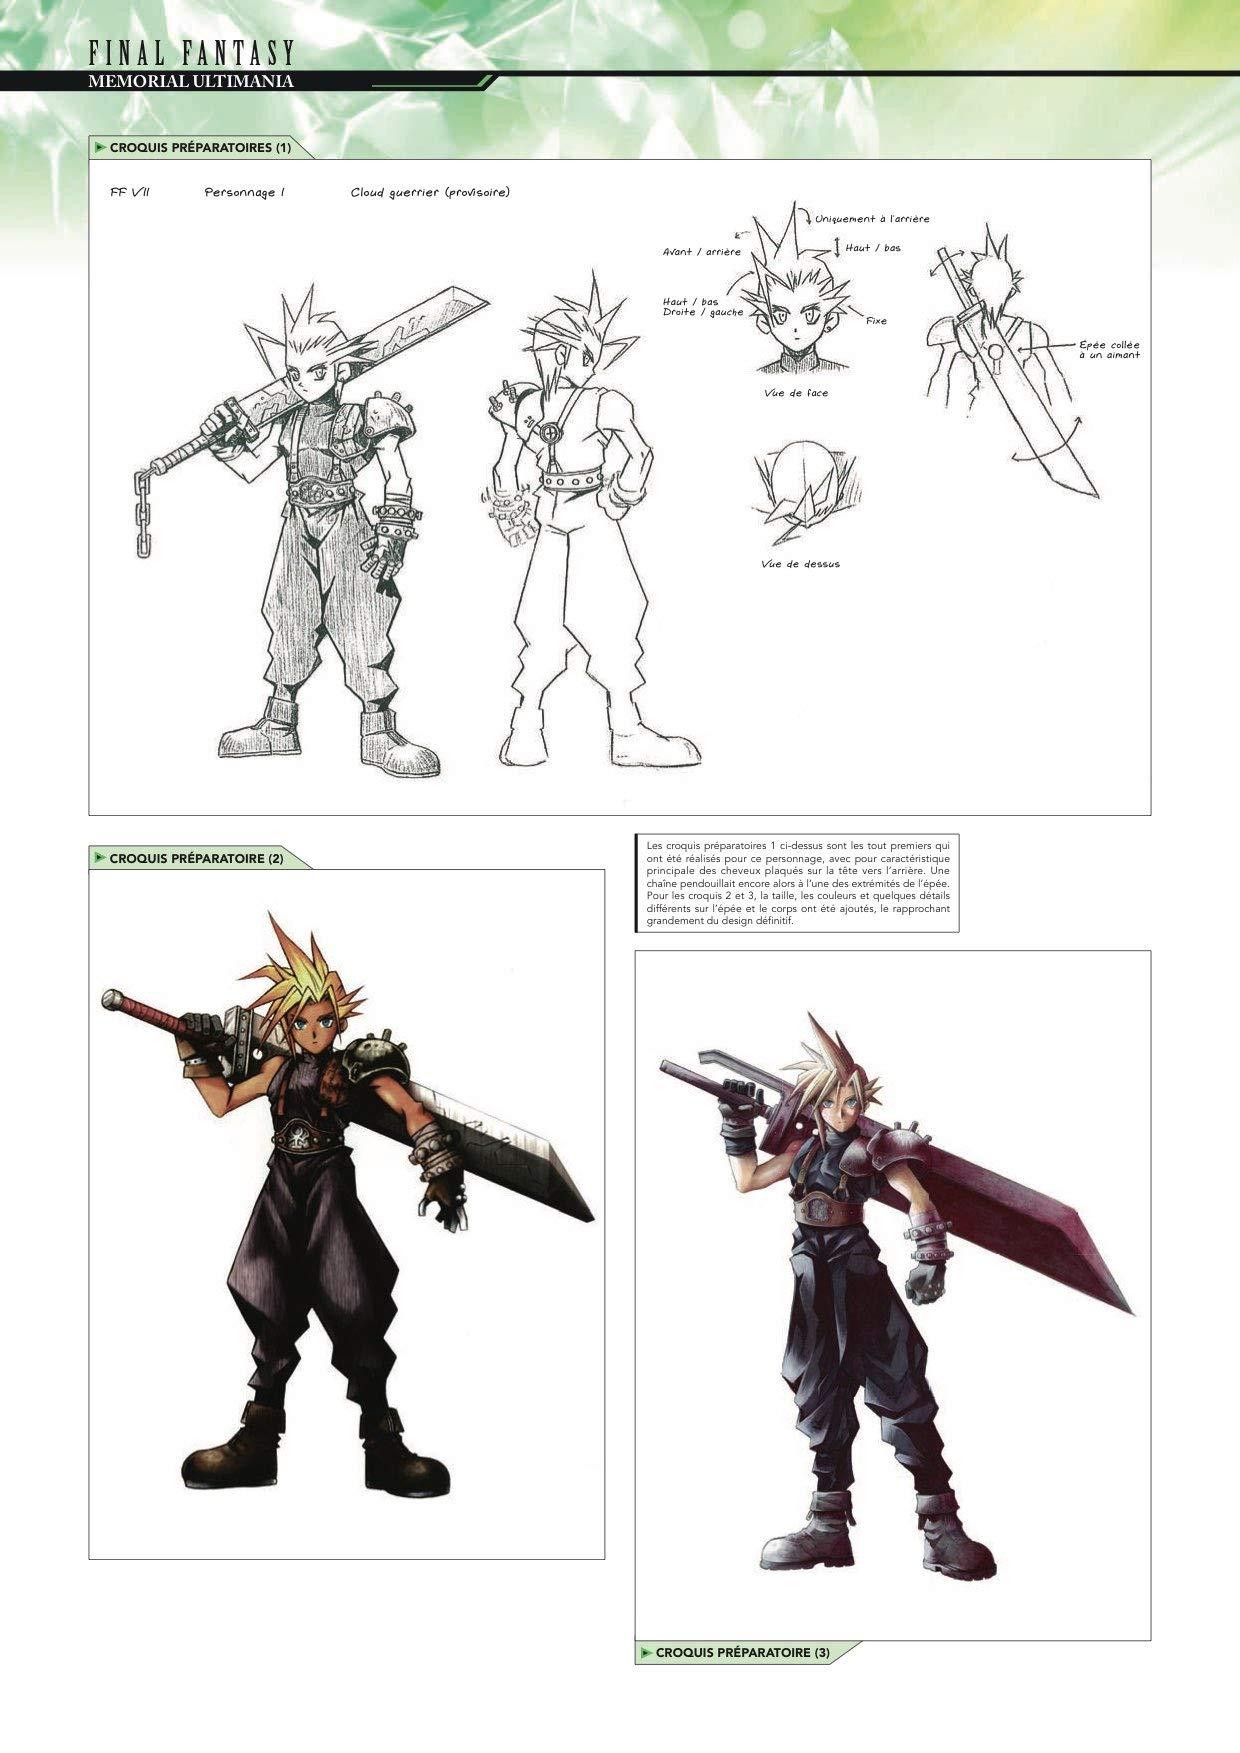 Jardin Encyclopédie Charmant Final Fantasy Encyclopé Ficielle Memorial Ultimania